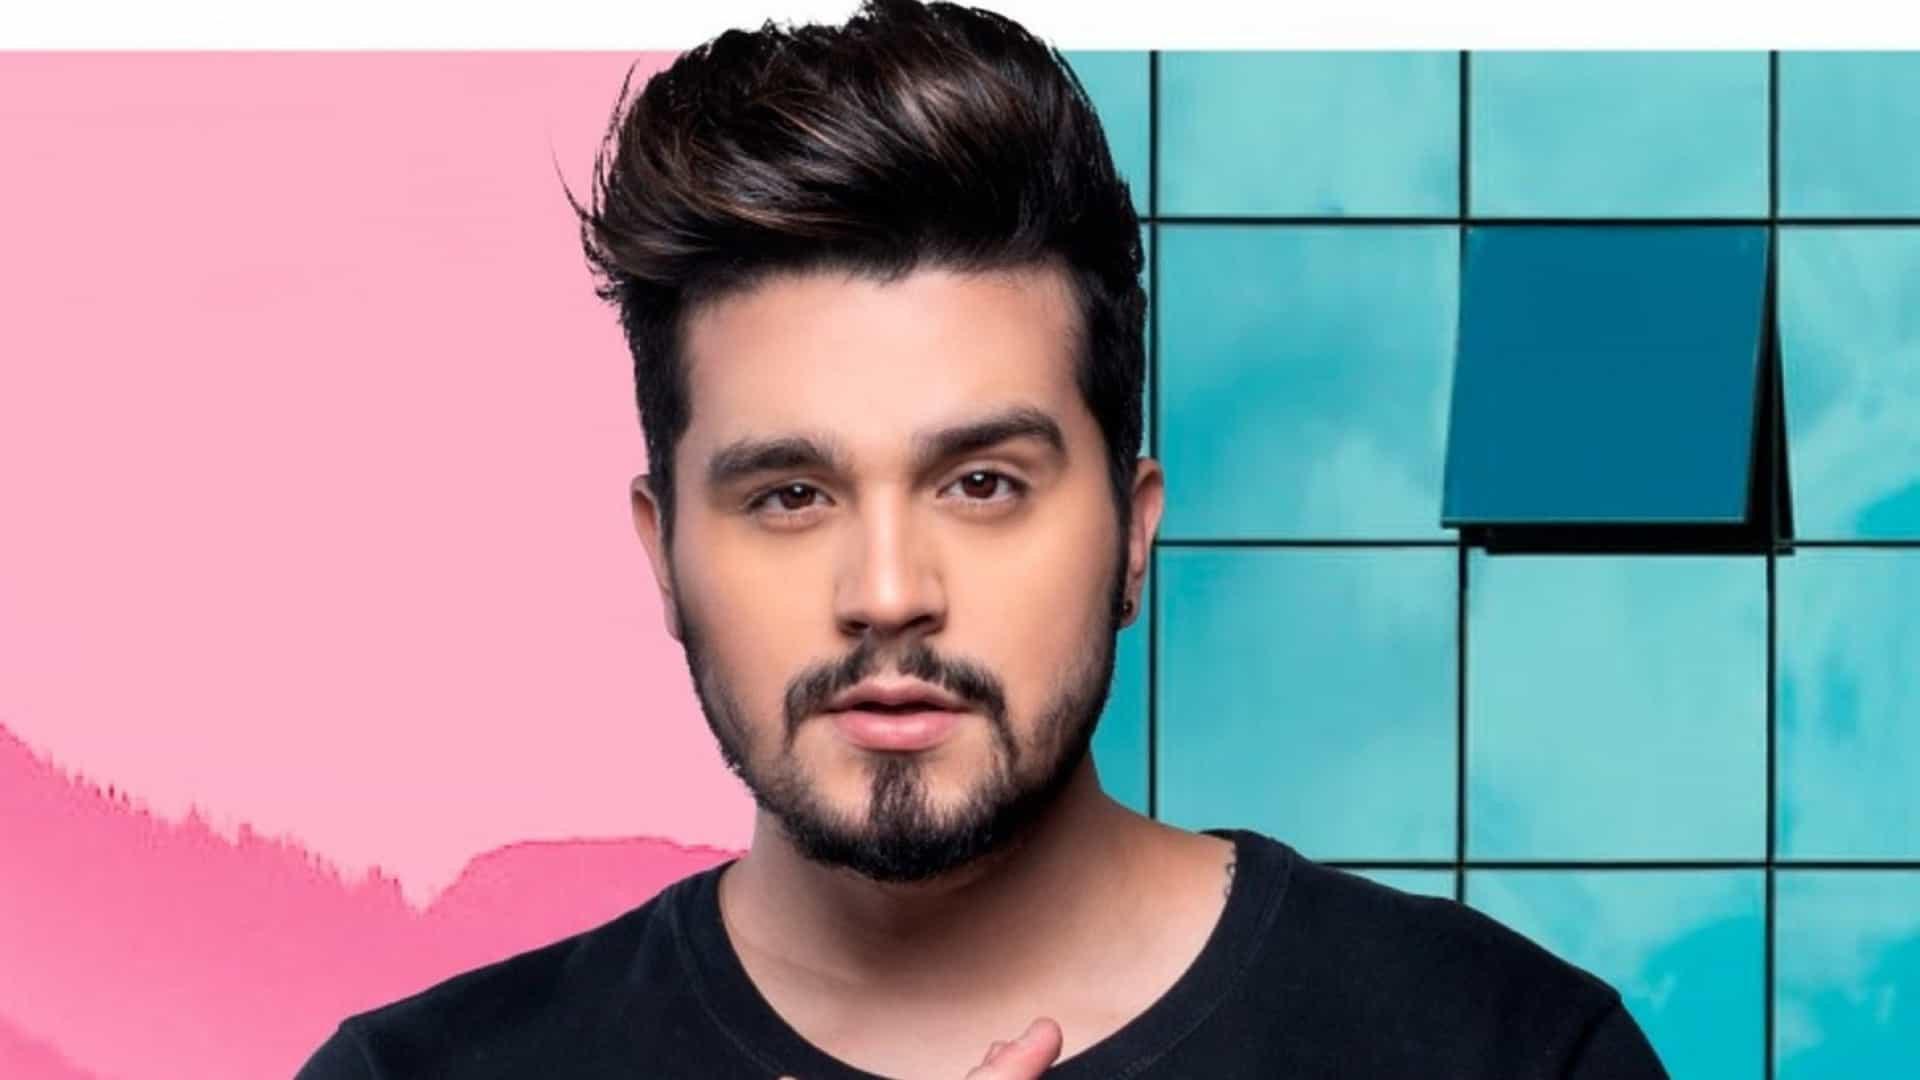 Fã-clubes decidem parar atividades e criticam distanciamento de Luan Santana